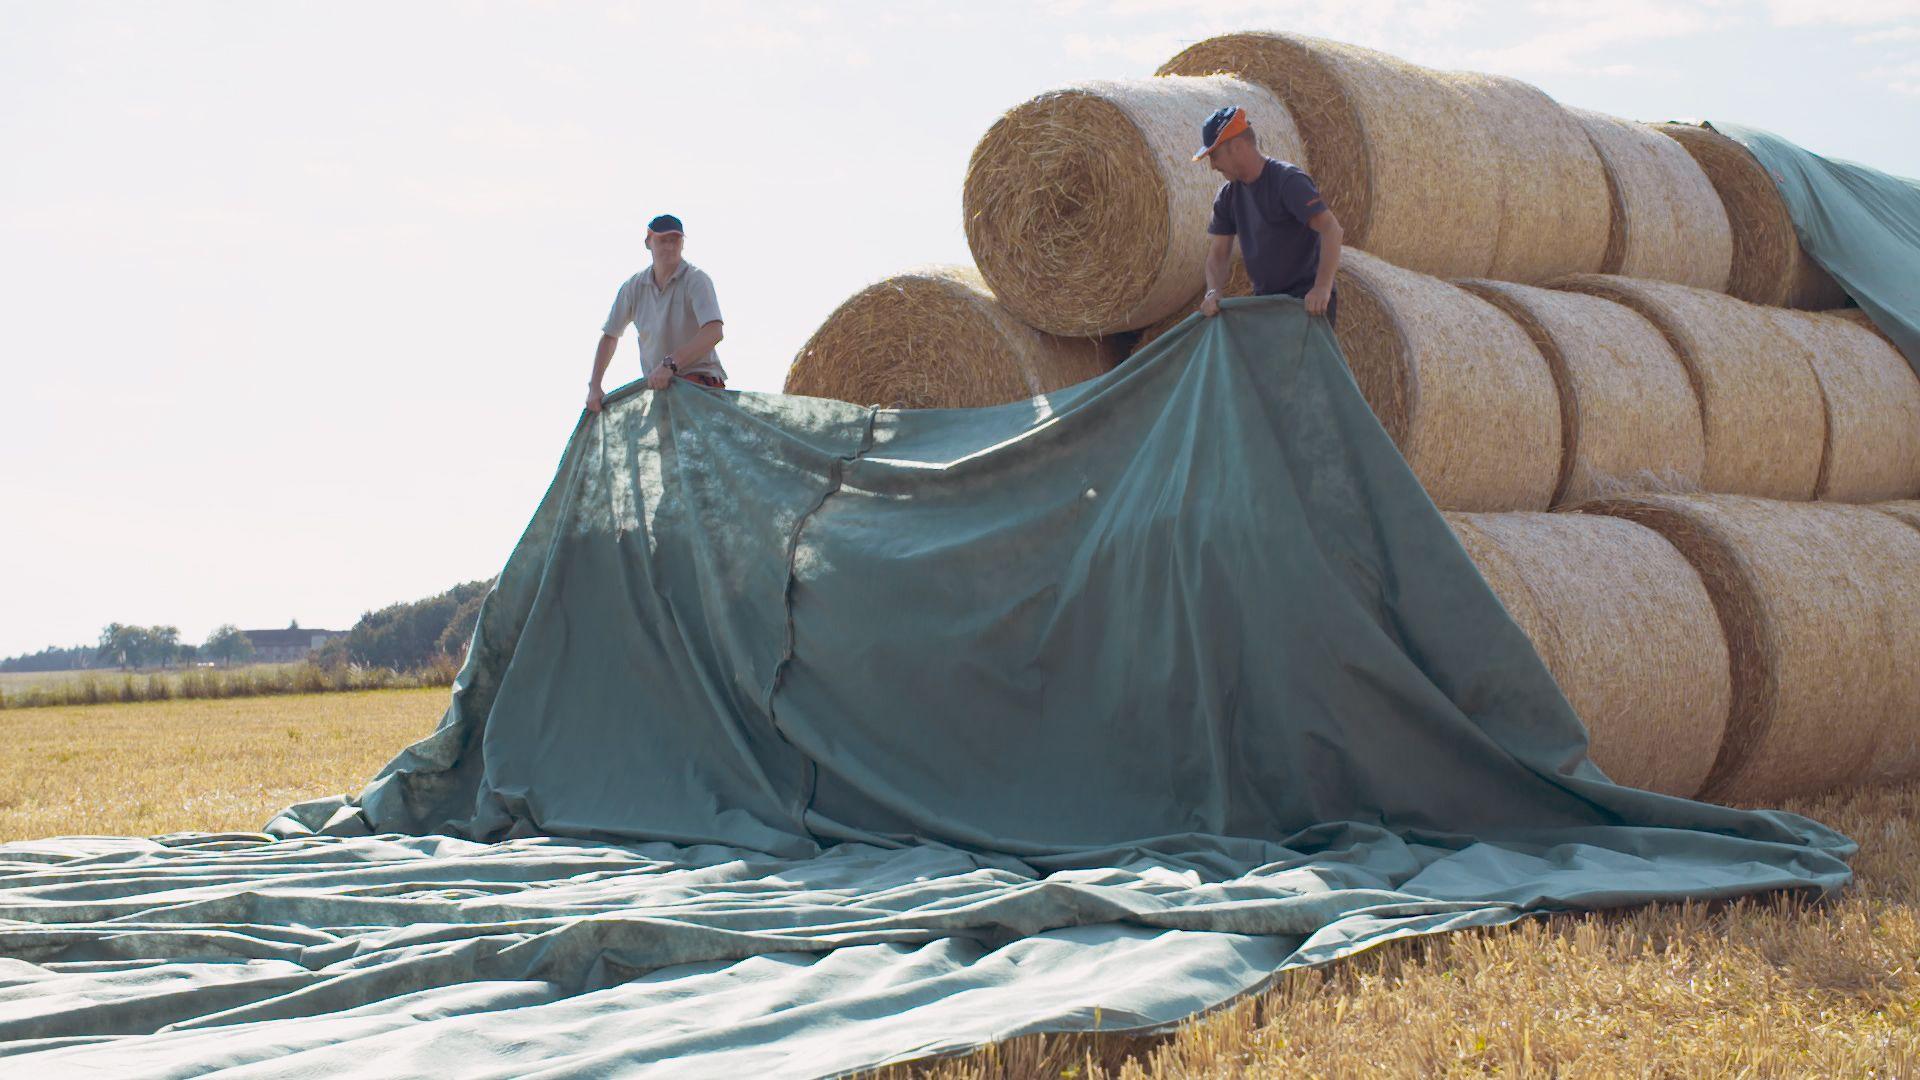 Olcsó megoldás helyett a tartósságra törekednek a gazdák